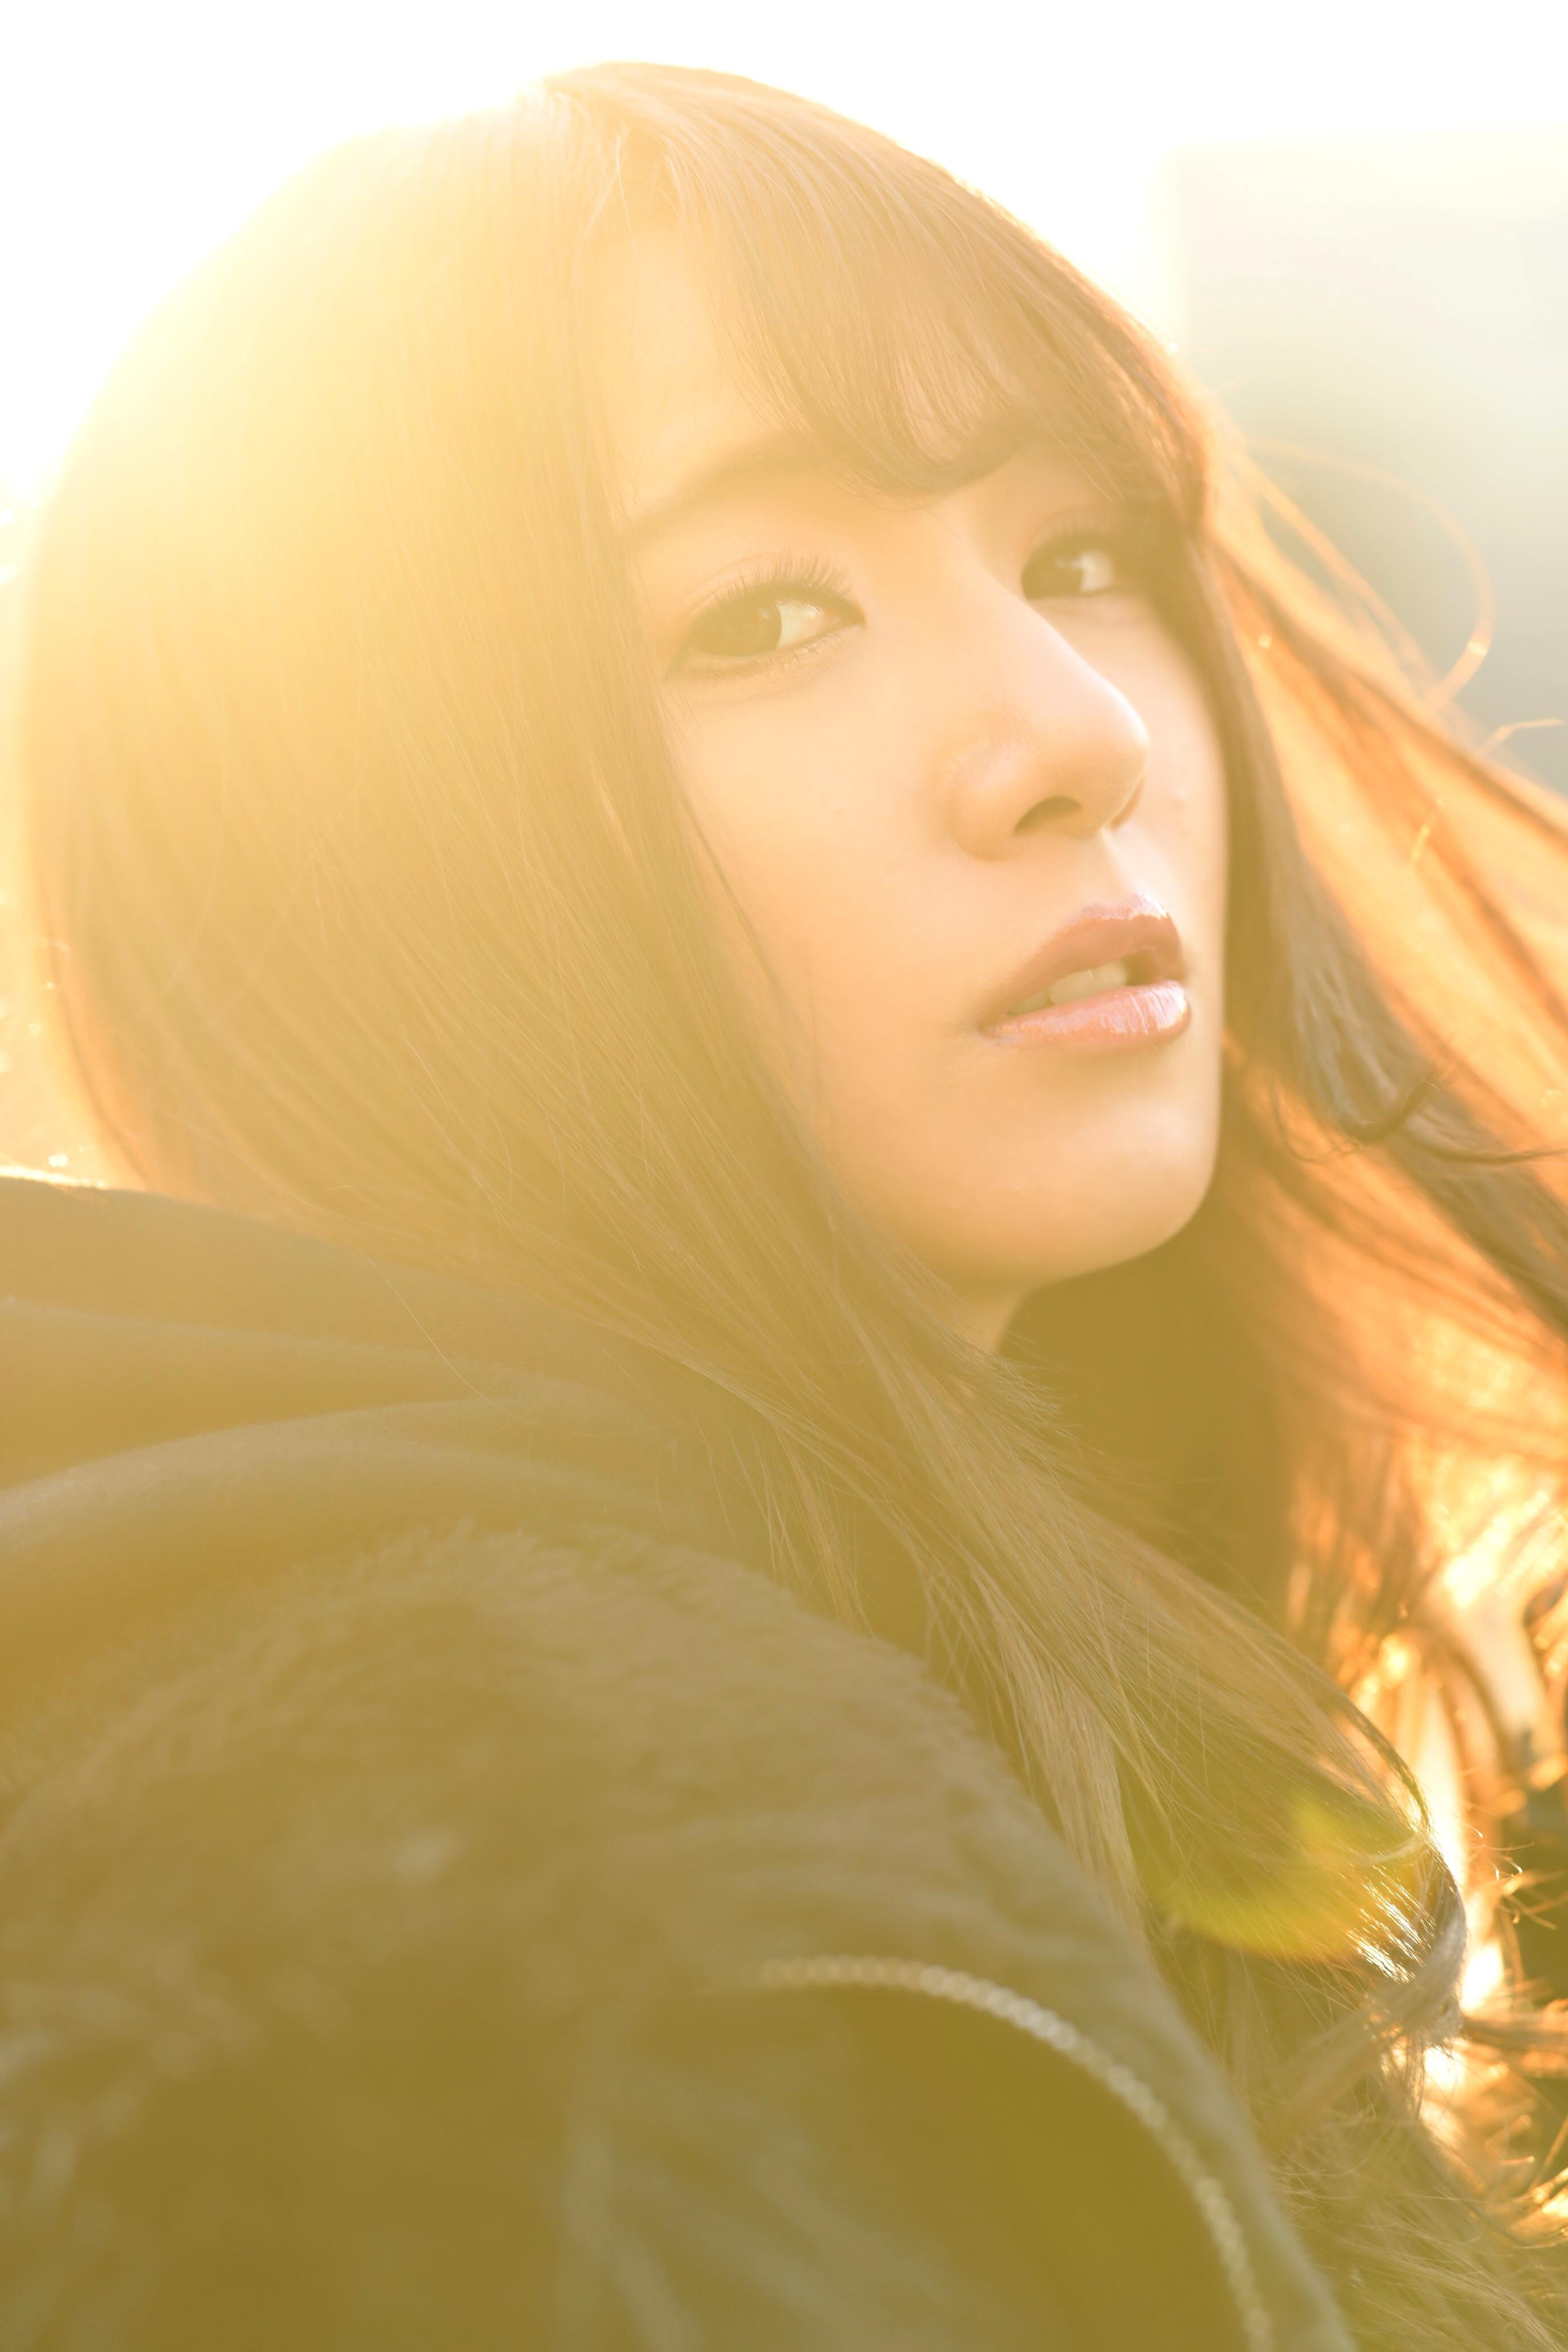 園田みおんWEB PHOTO  vol.1